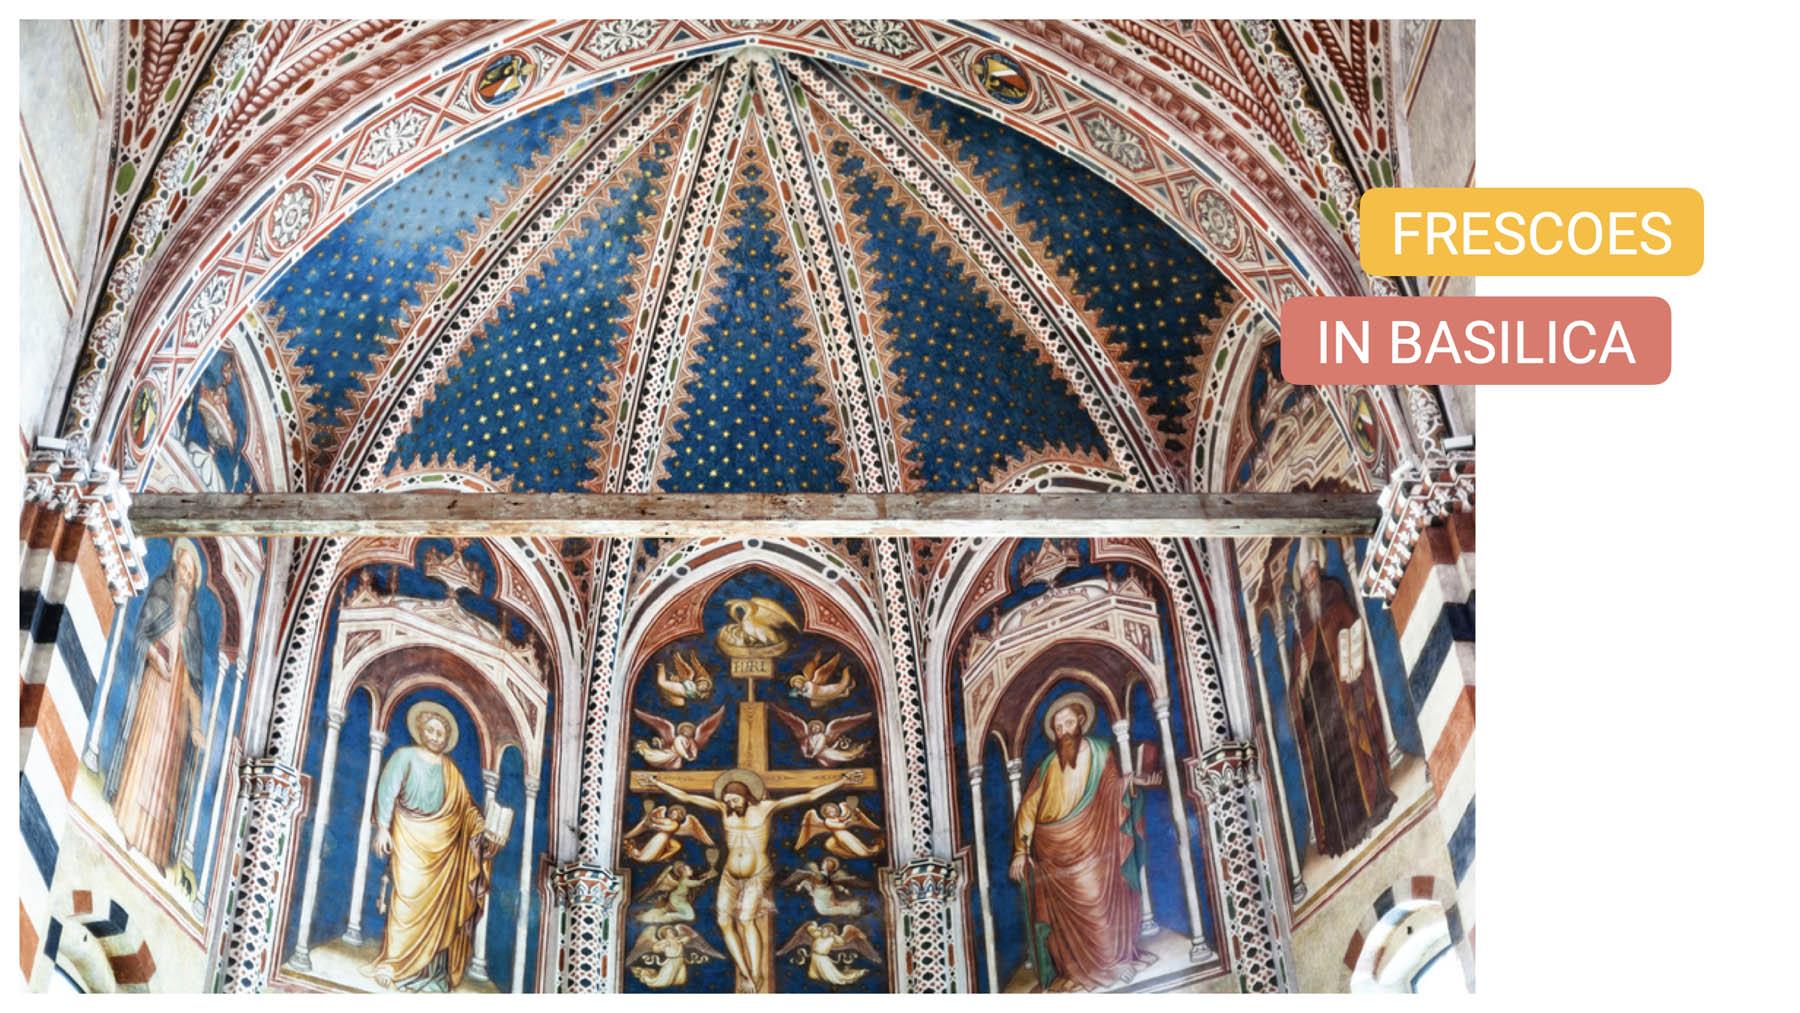 Basilica of St. Zeno verona bike tour frescoes